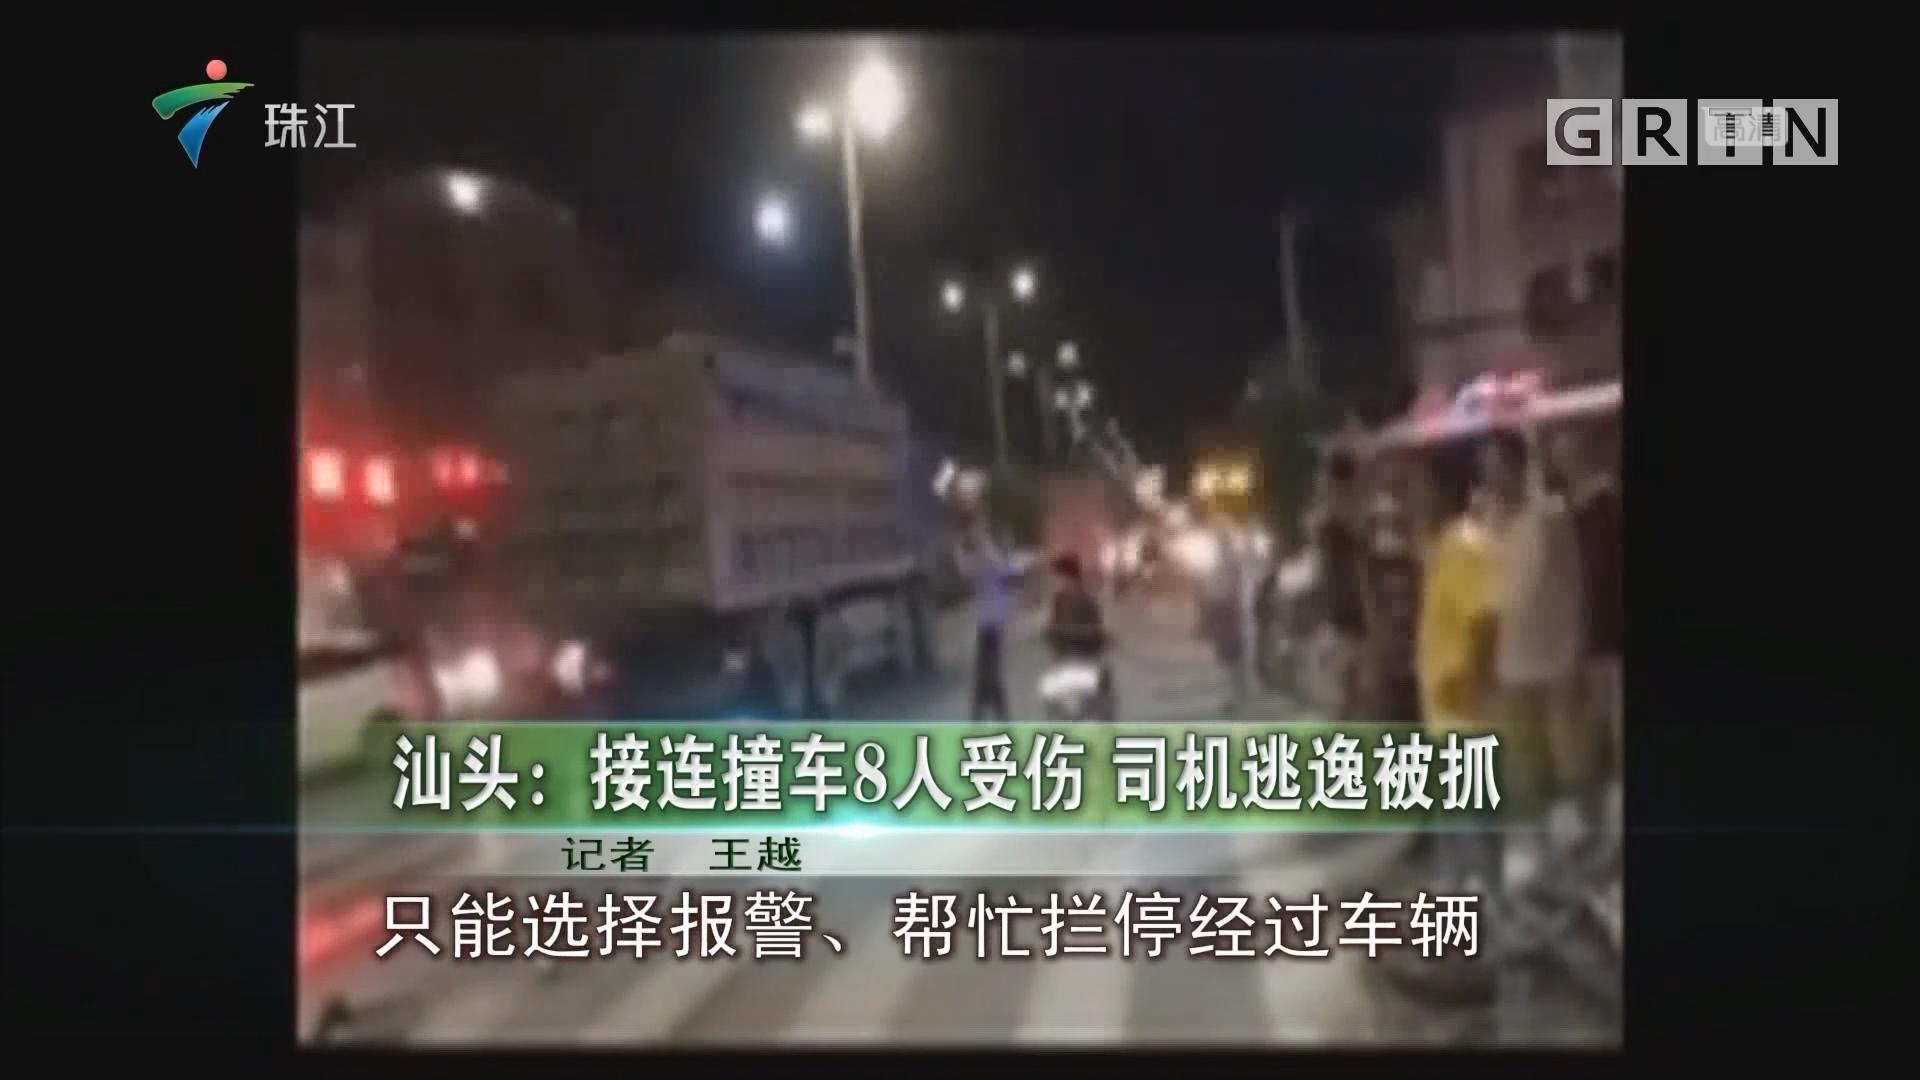 汕头:接连撞车8人受伤 司机逃逸被抓